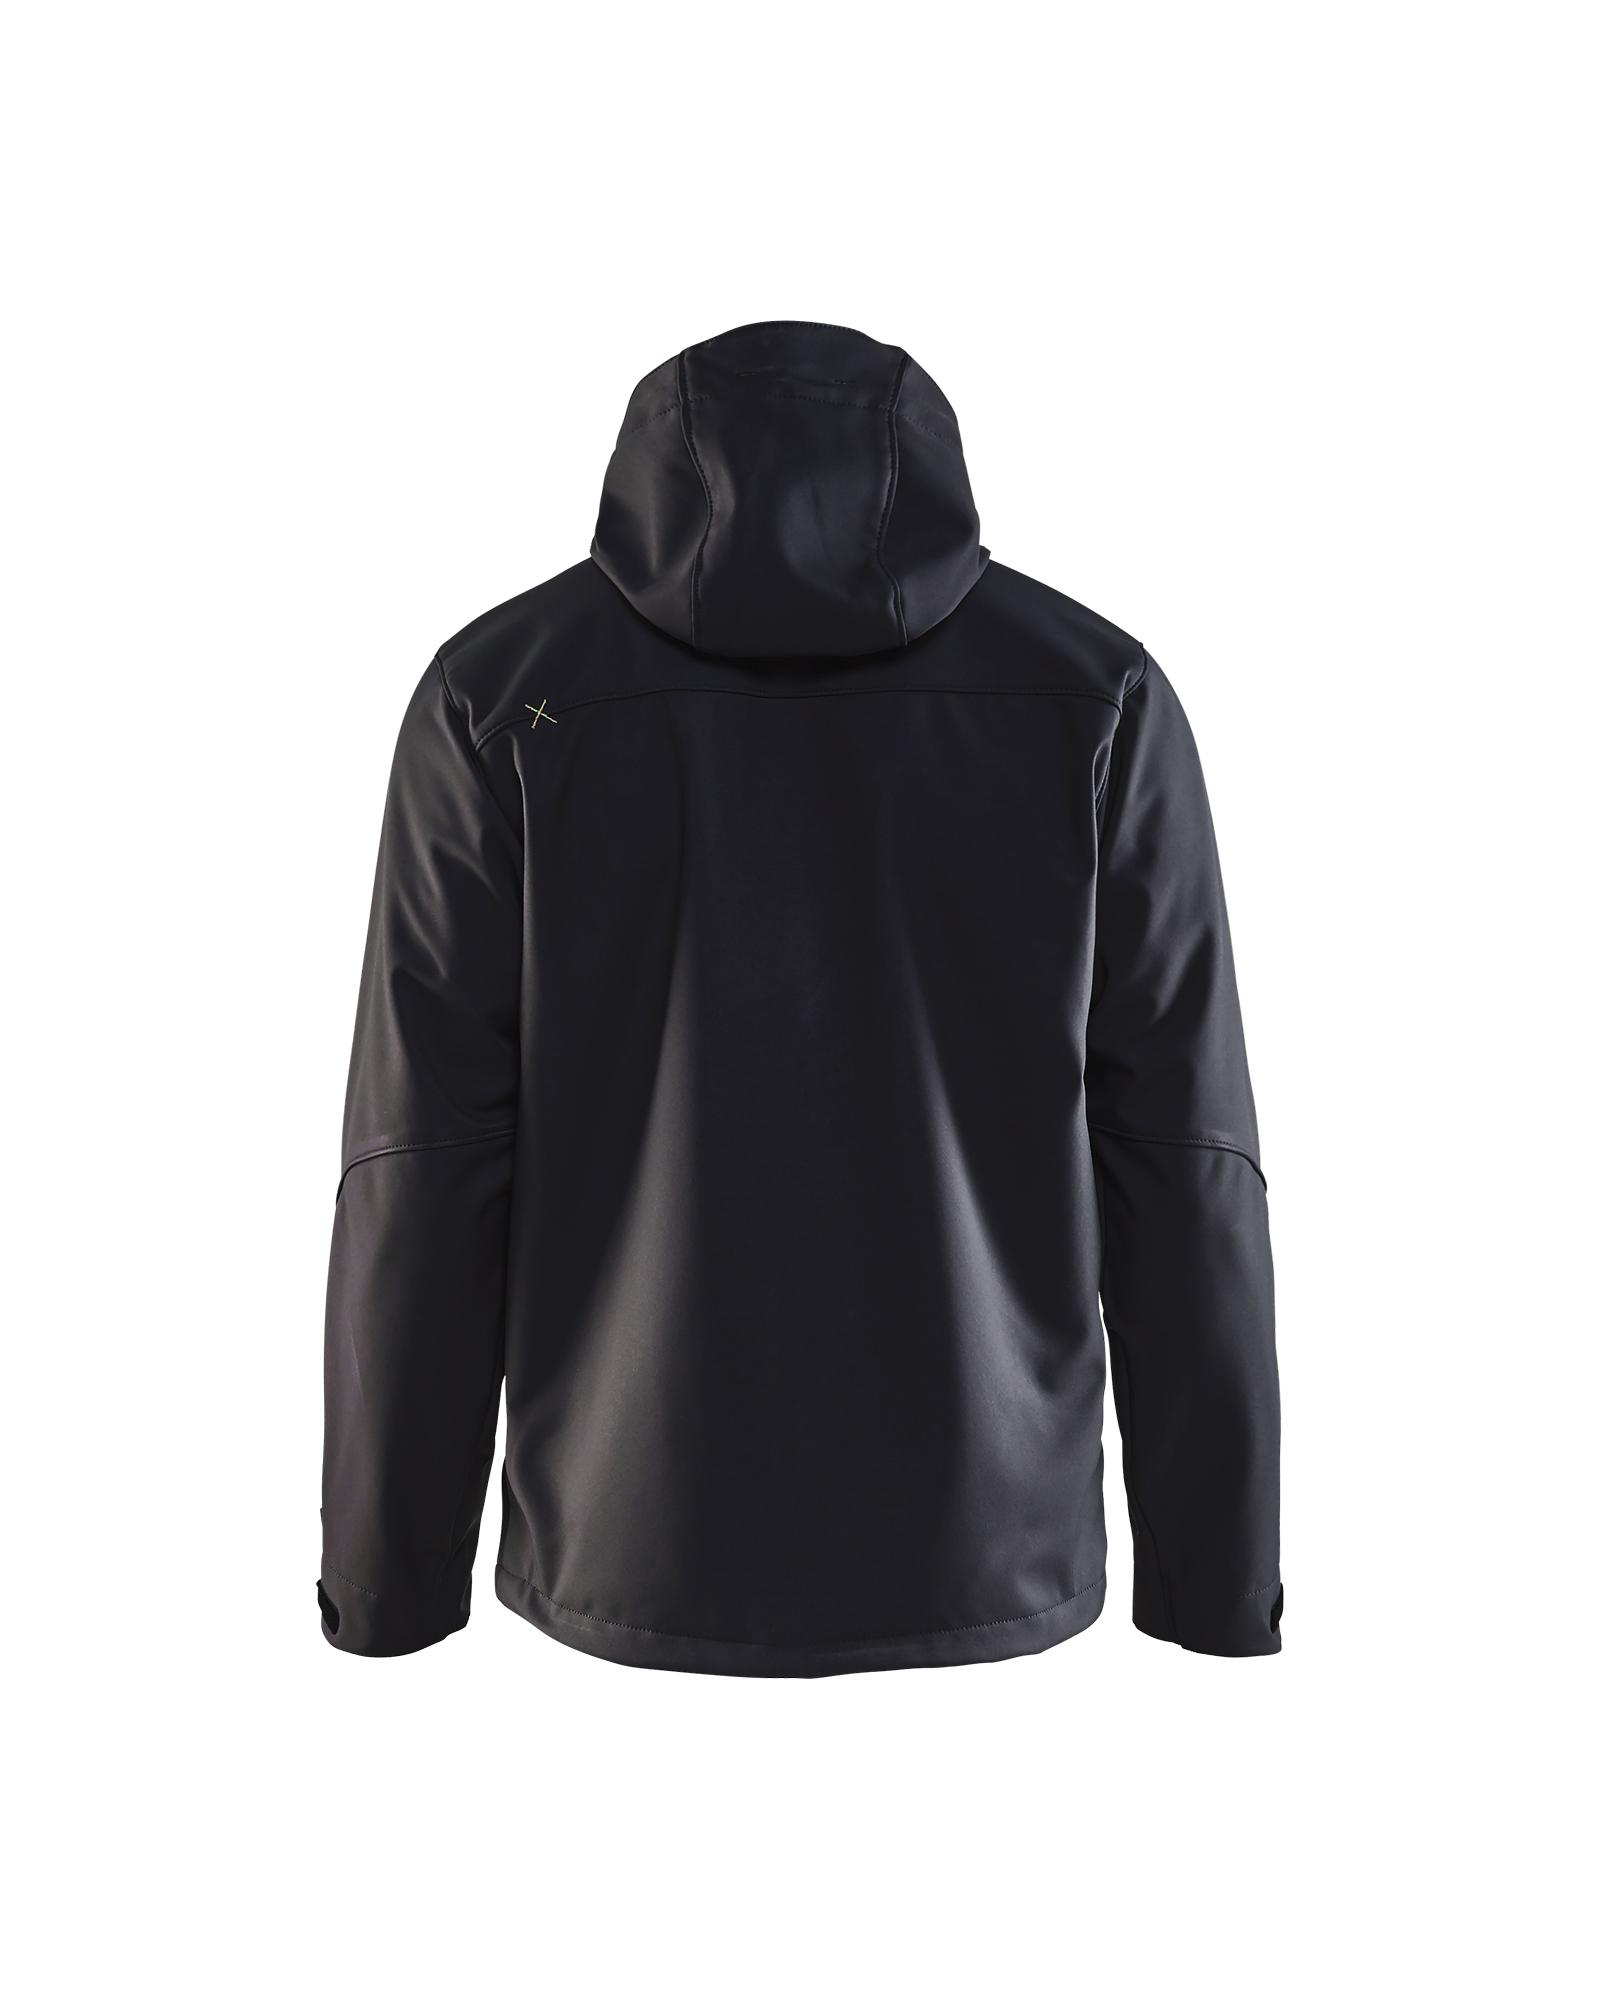 Blaklader Workwear Fleece Jacket Darkgrey//Black XXL